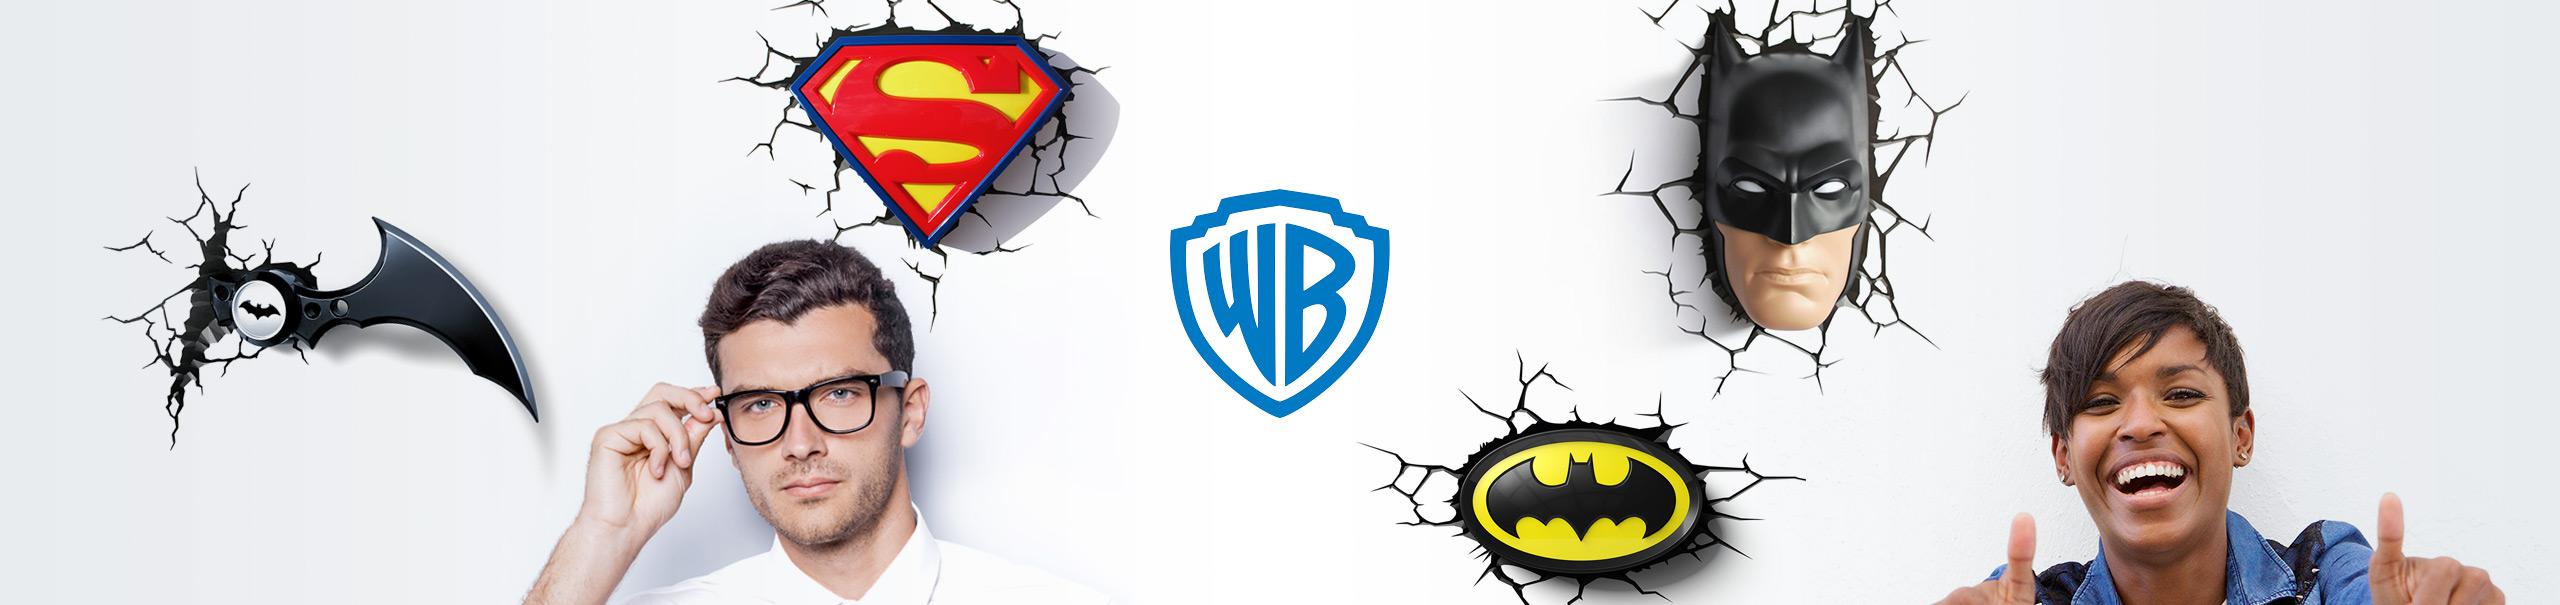 Warner Bros Banner